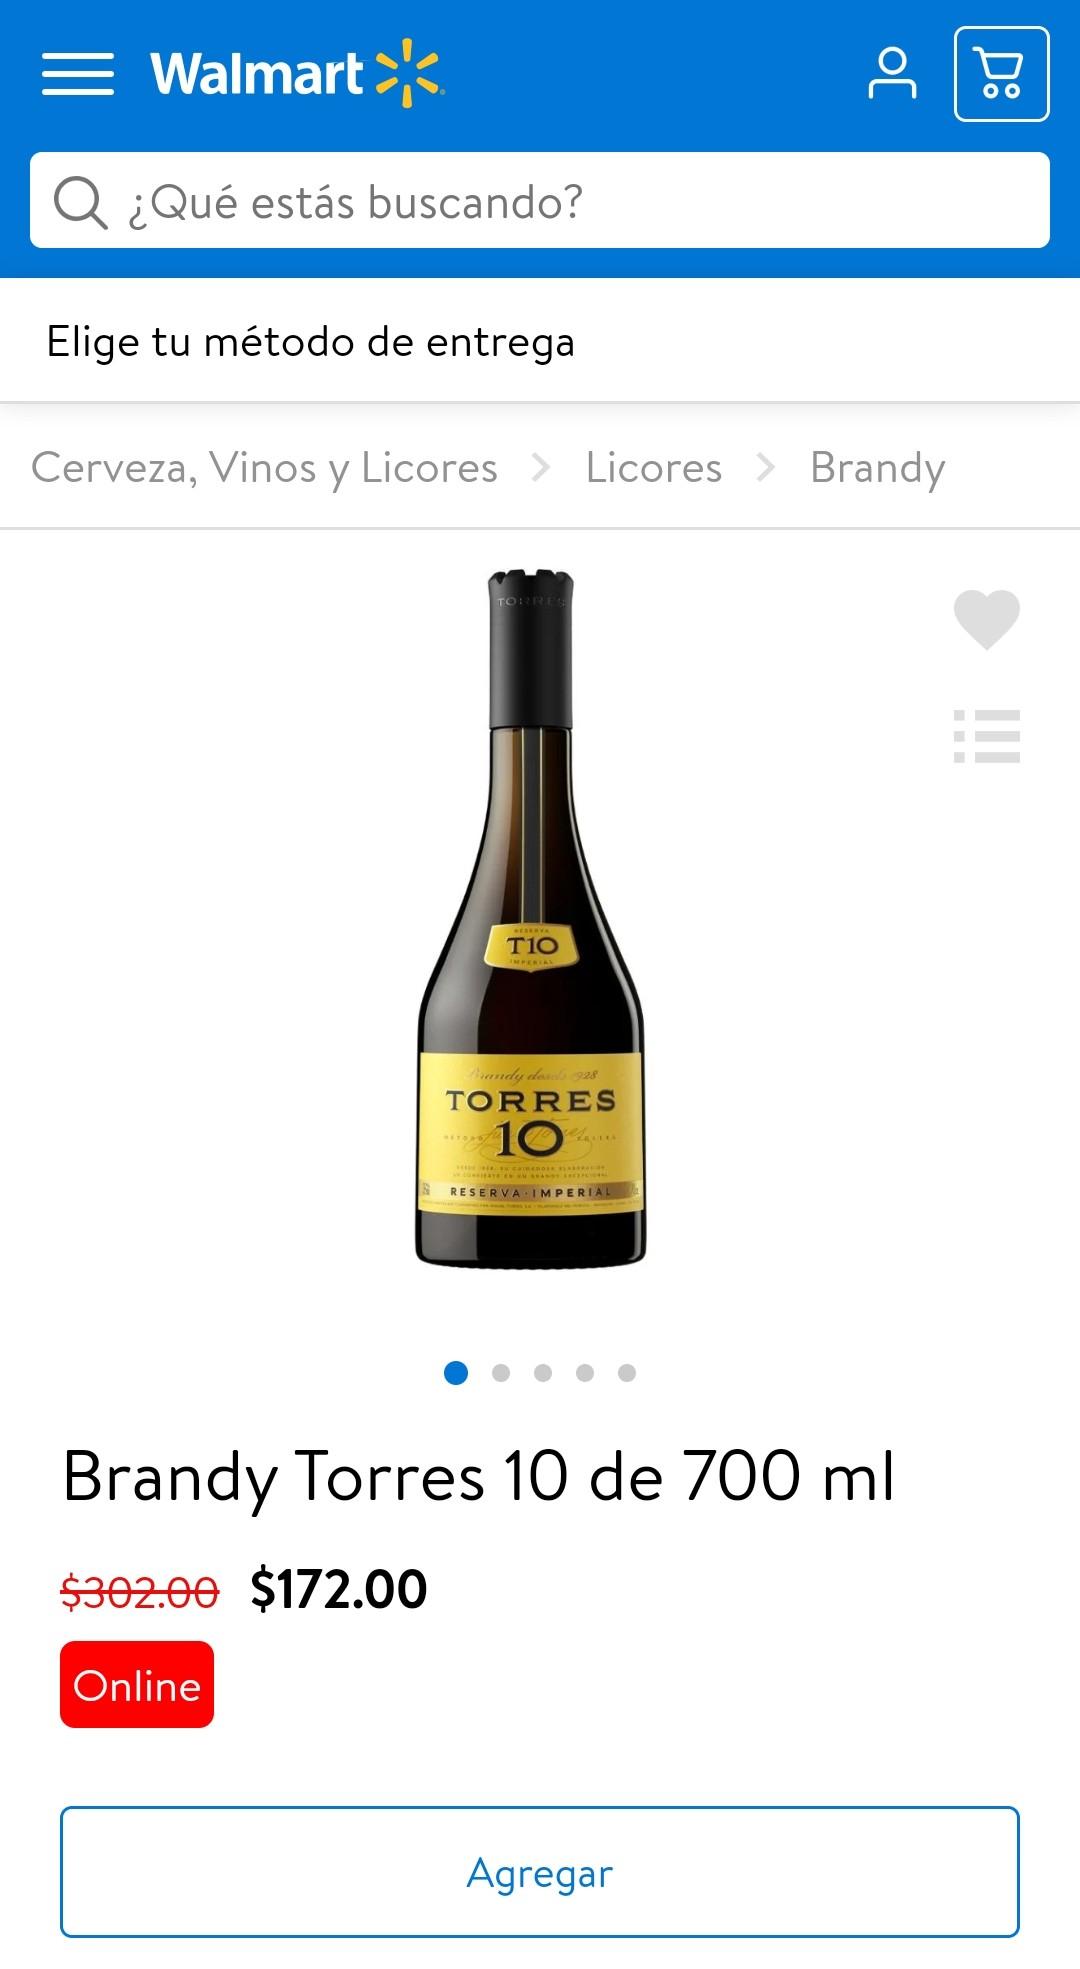 Walmart: Brandy Torres 10